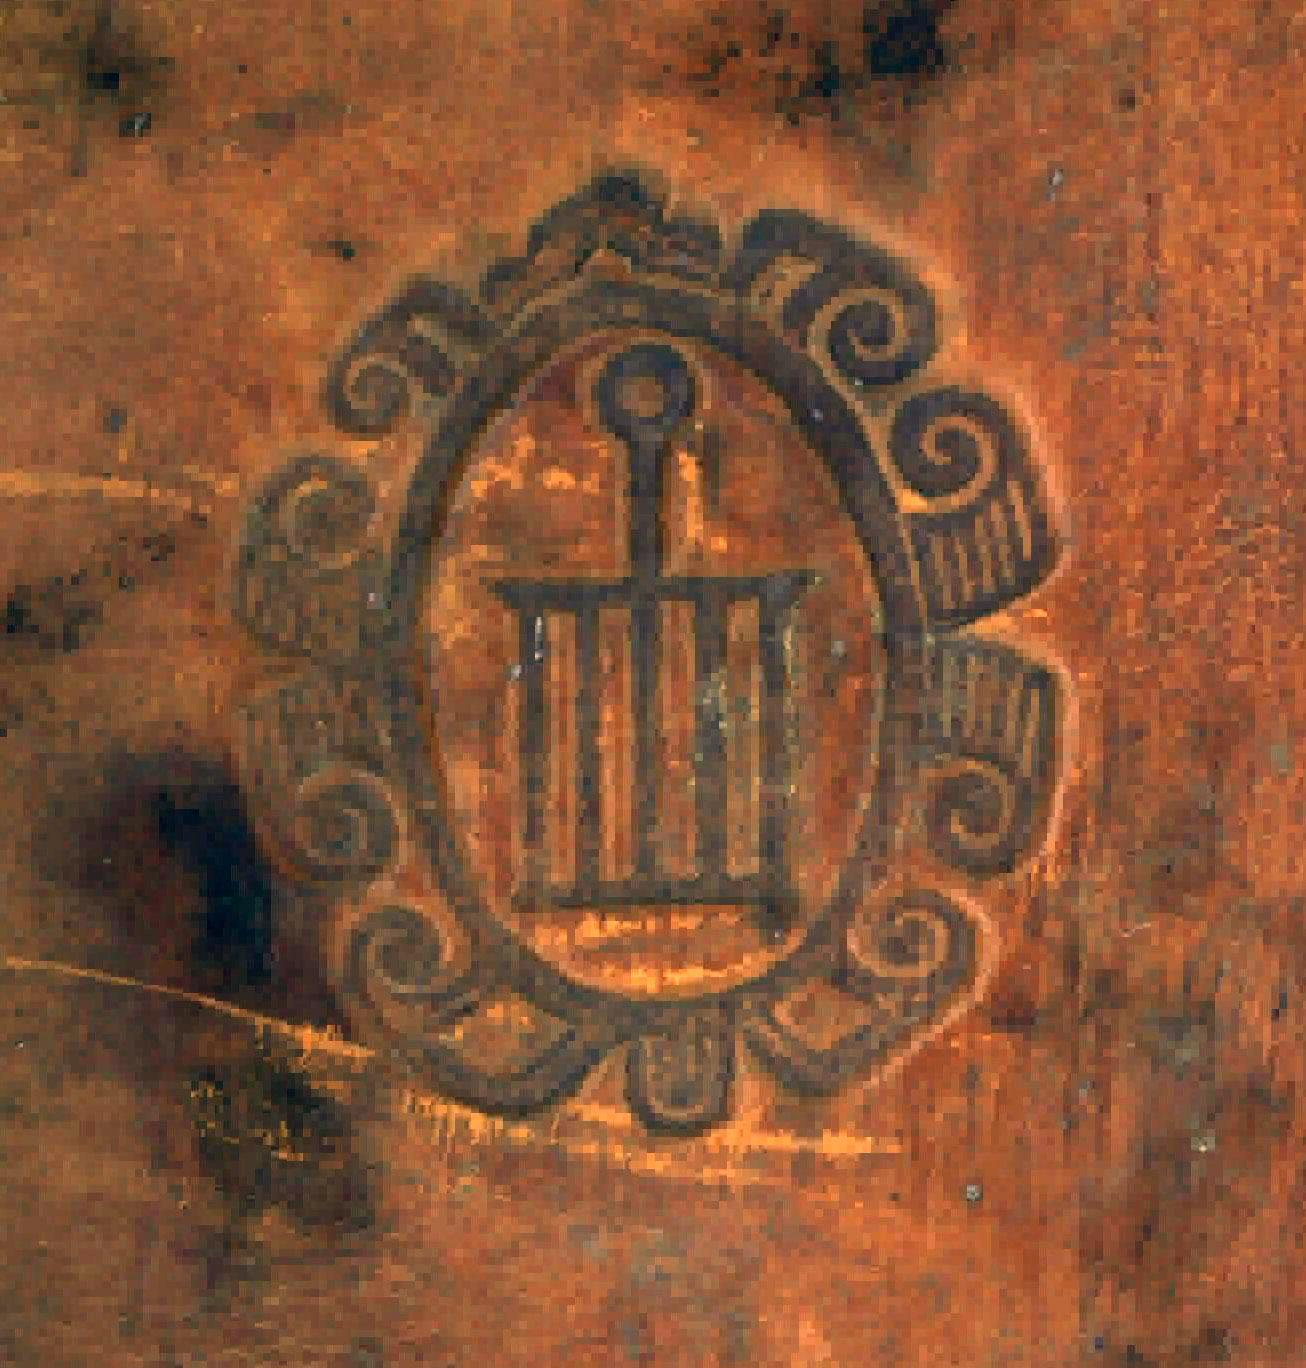 Supralibros de la Biblioteca de el Monasterio de El Escorial, gofrado, con la parrilla, emblema del monasterio, encuadrada en un marco ovalado